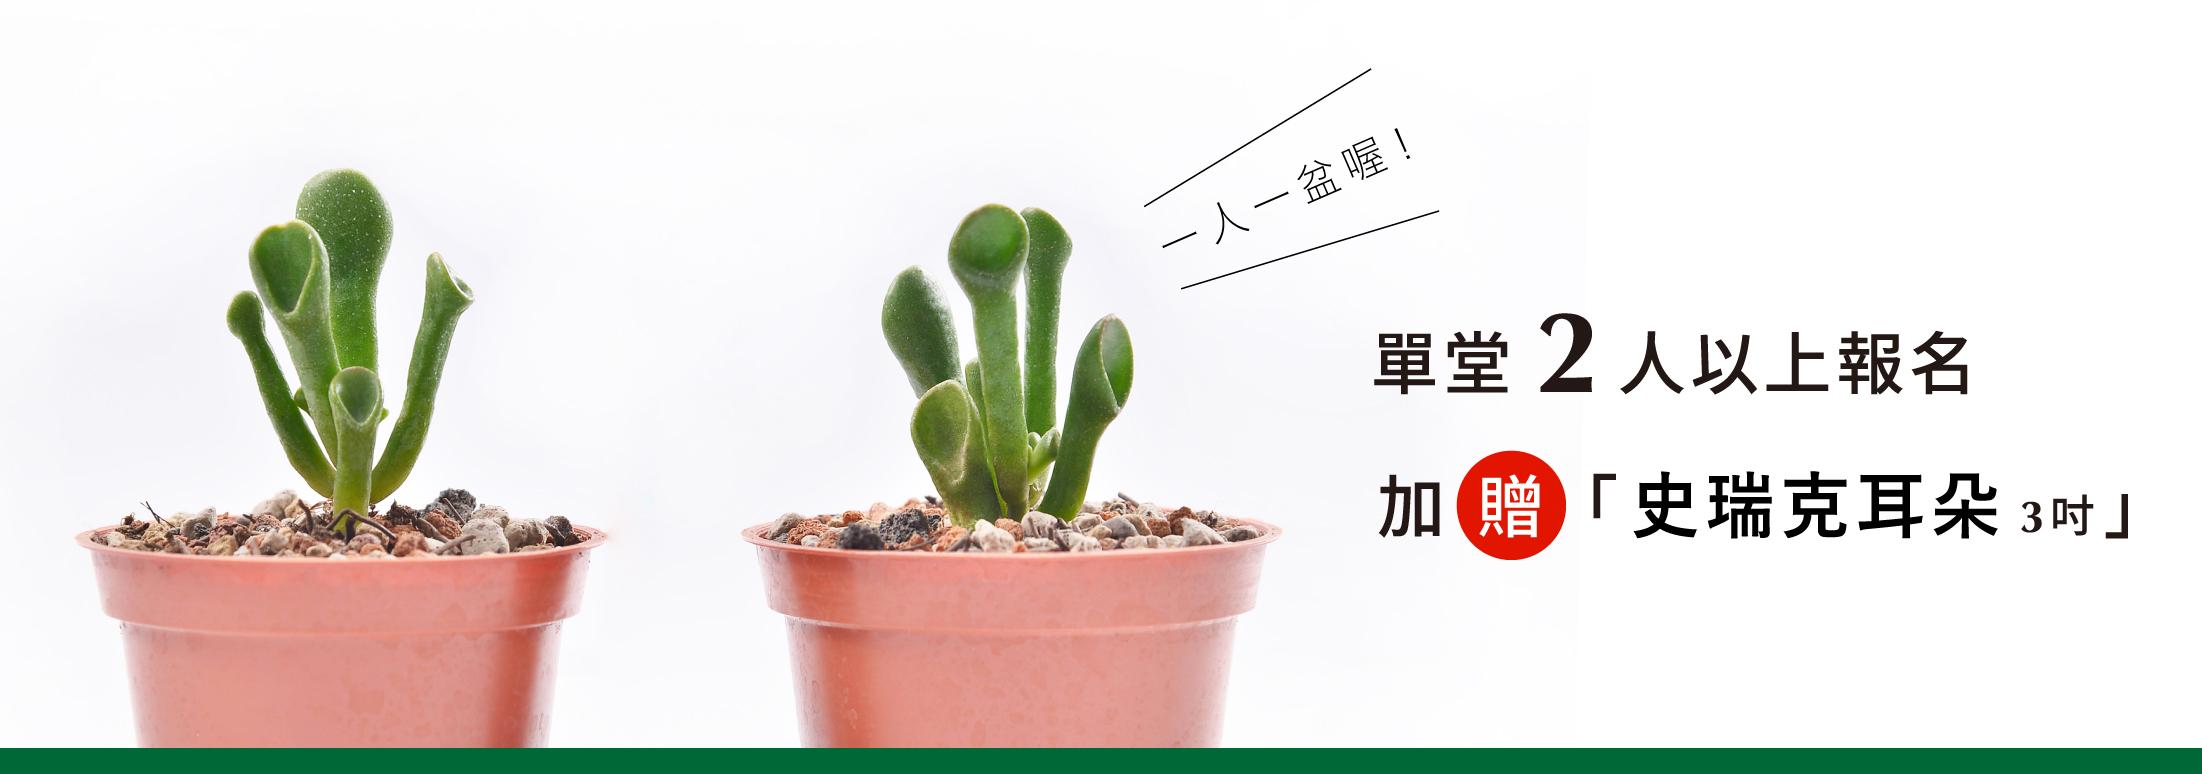 報名插花課程,團報時,學員可以享受到團報優惠贈送多肉植物